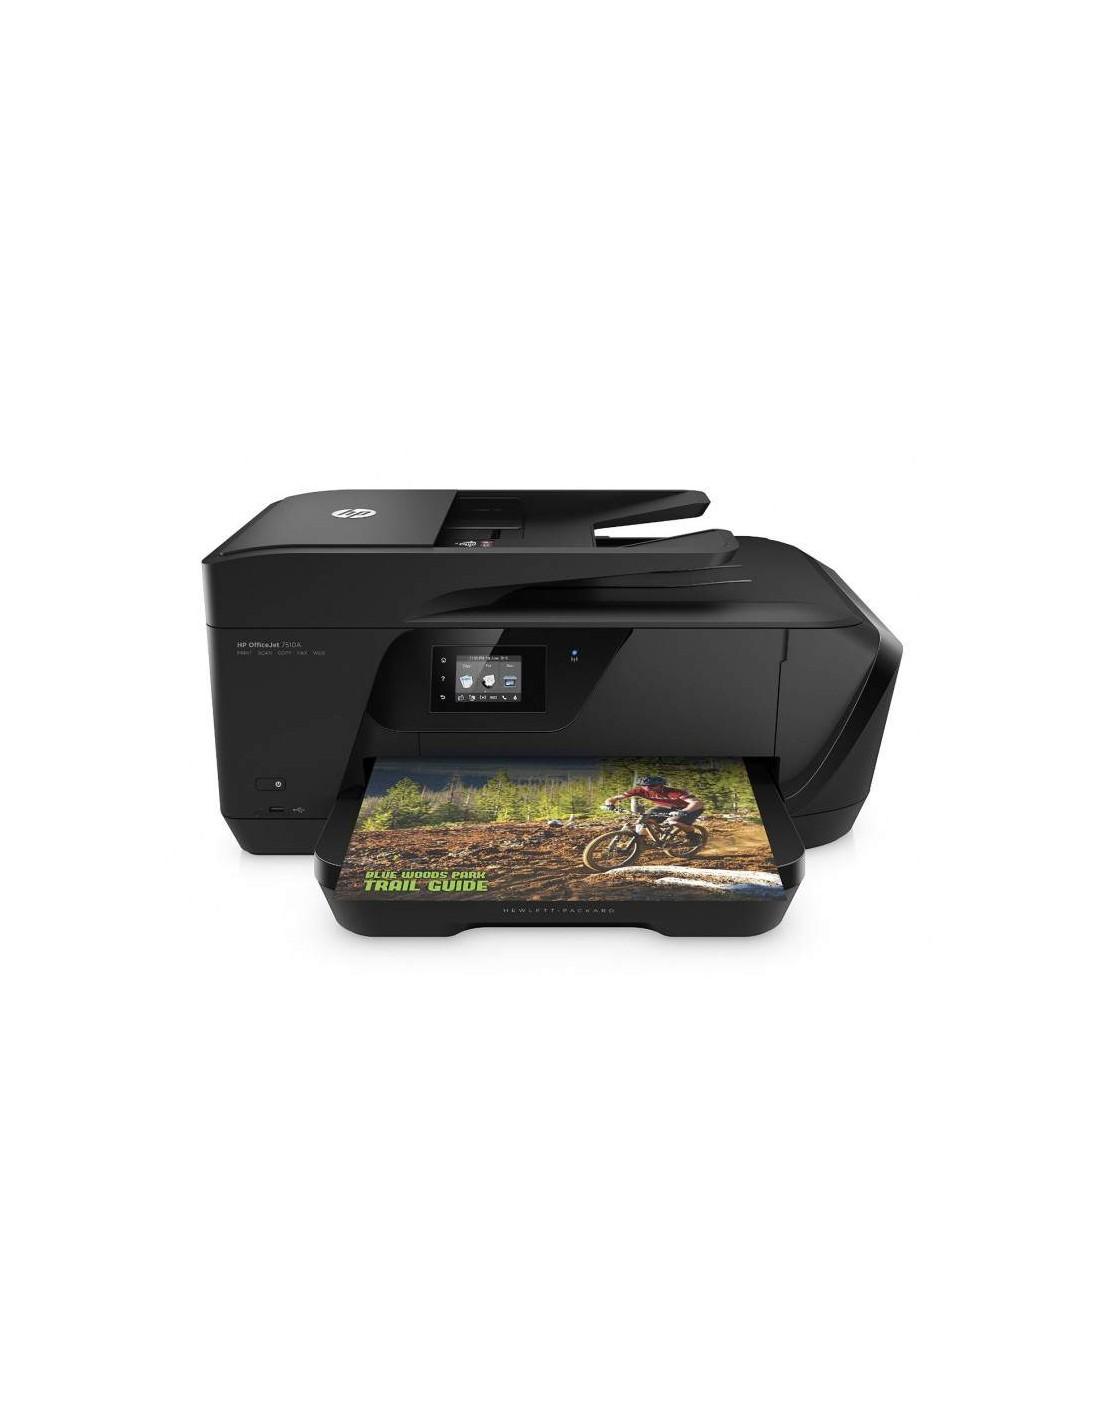 imprimante tout en un imprimante tout en un hp deskjet. Black Bedroom Furniture Sets. Home Design Ideas